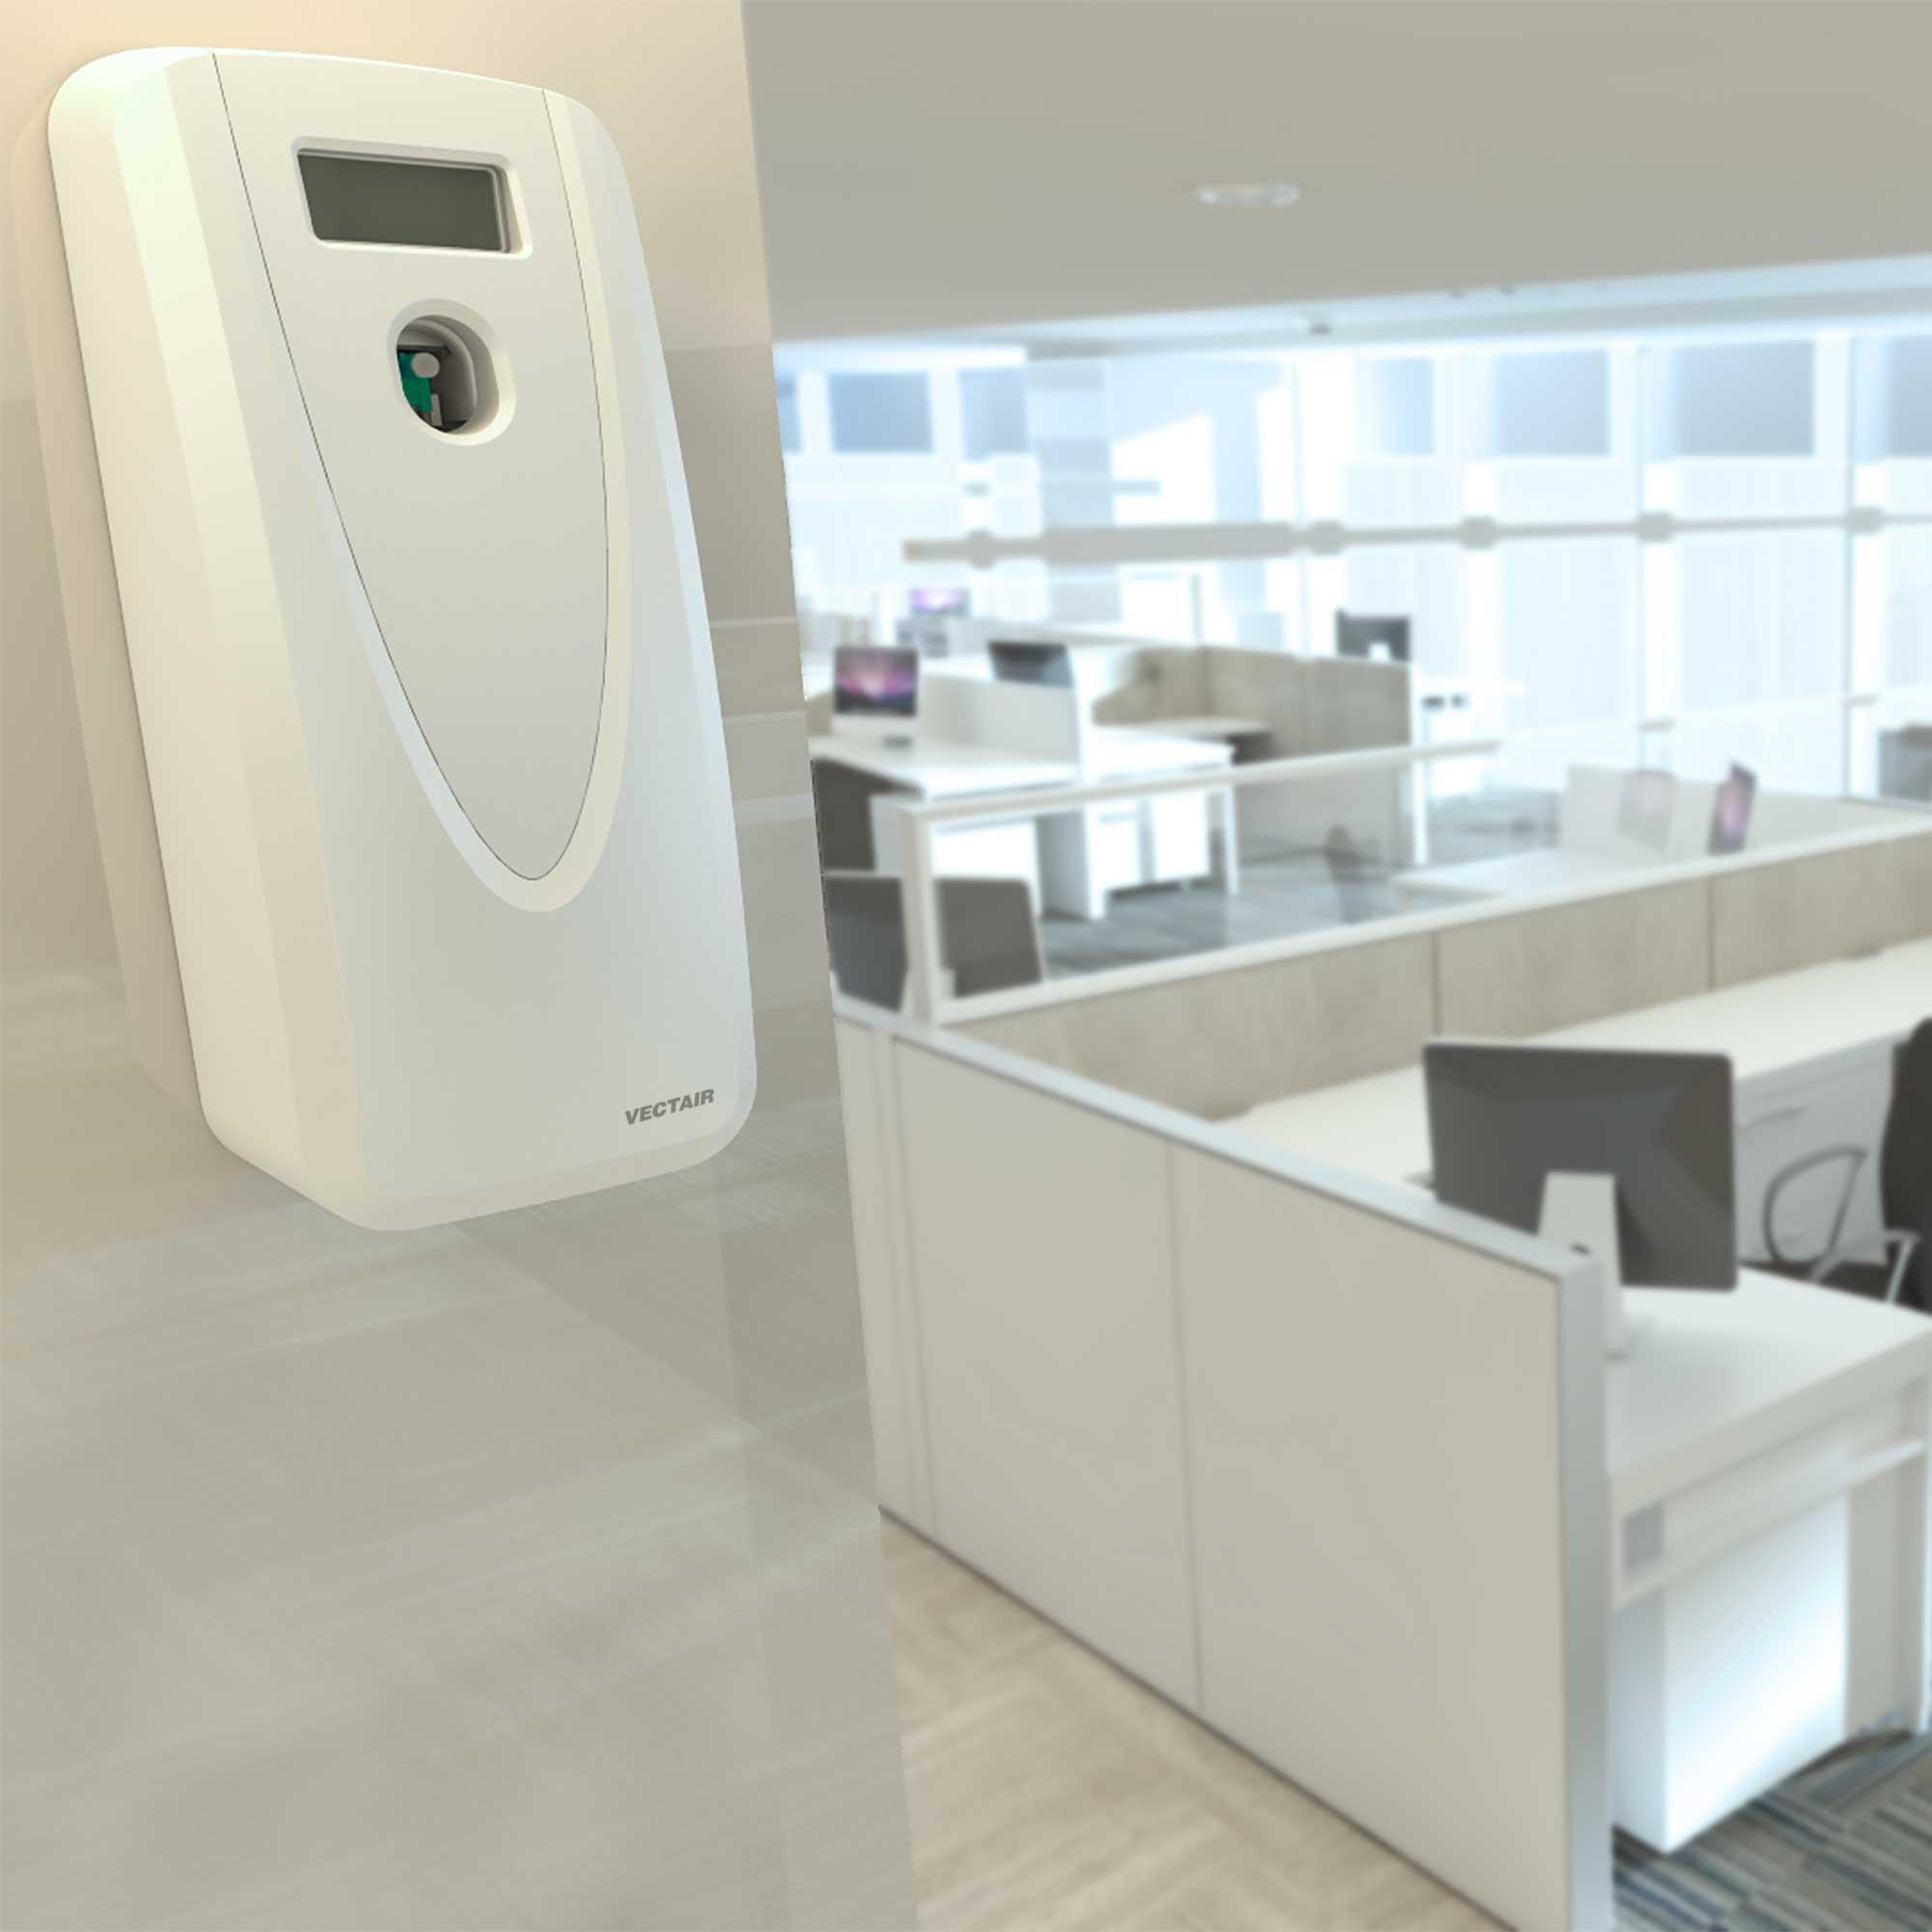 Airoma MVP Dispenser in office